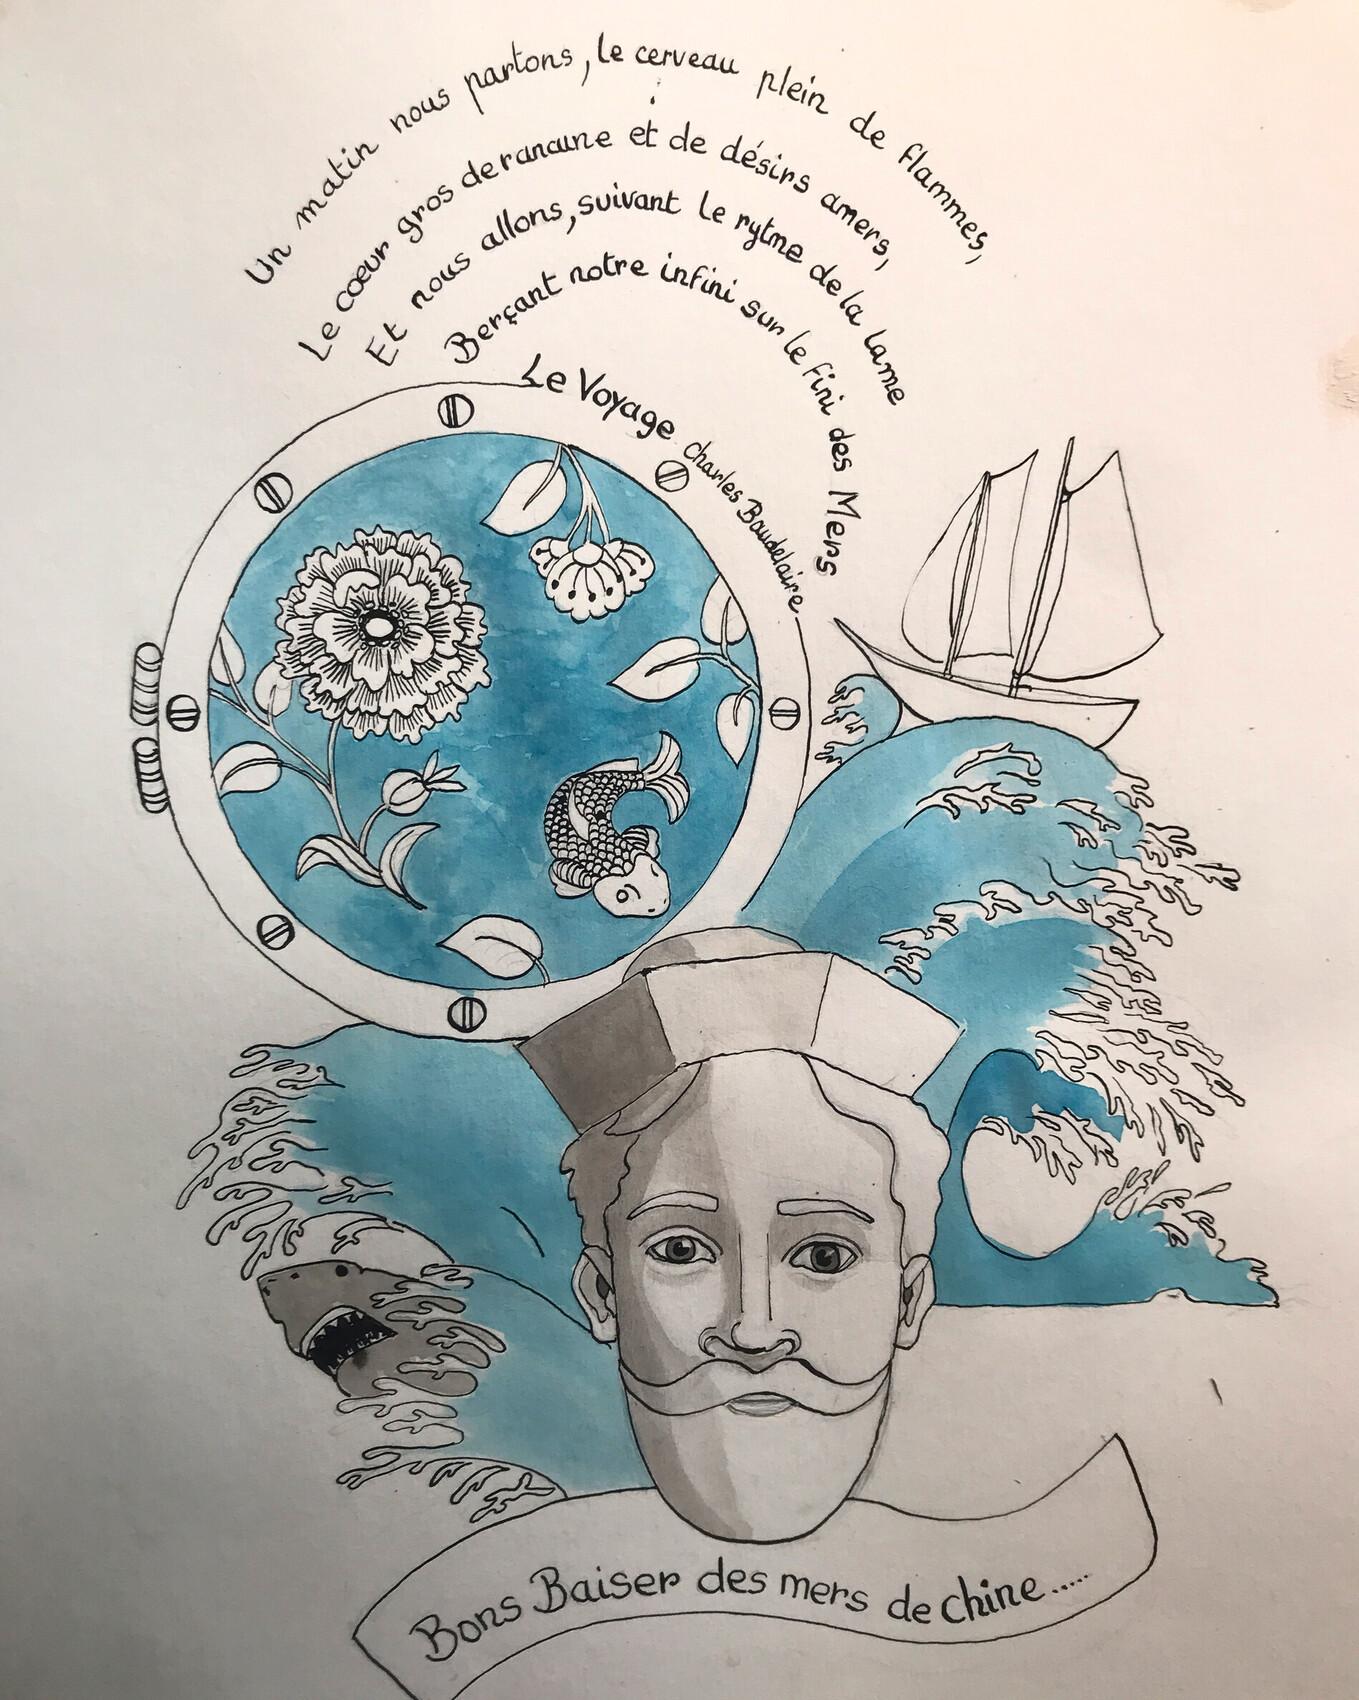 La carte postale du marin